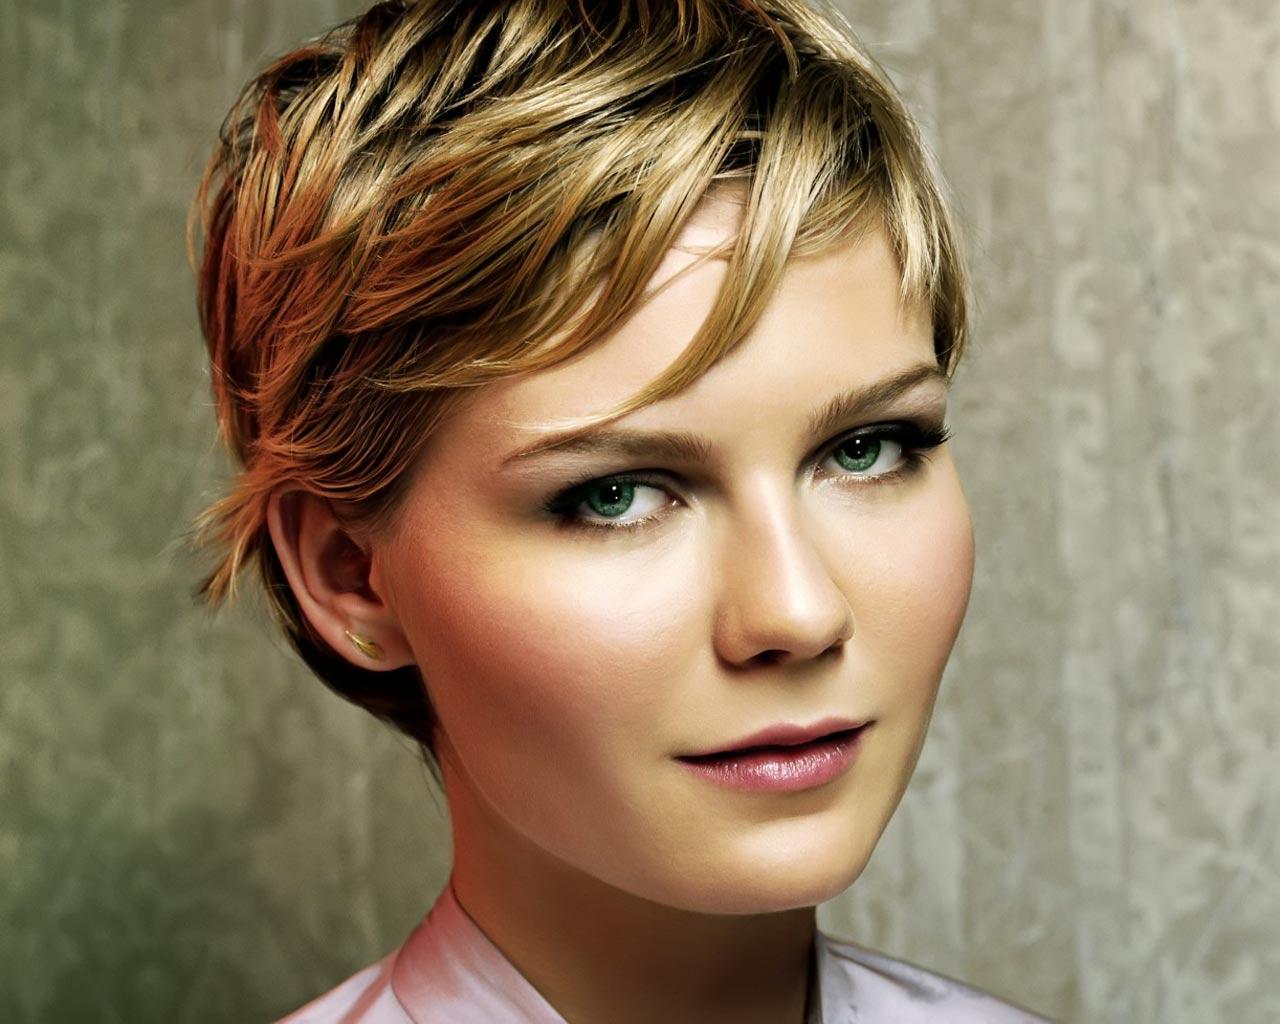 http://2.bp.blogspot.com/-PbfcvzrtrT0/TvkQLtXQVUI/AAAAAAAAACE/LtQ59Nun0YE/s1600/Kirsten-Dunst-short-haircut.jpg